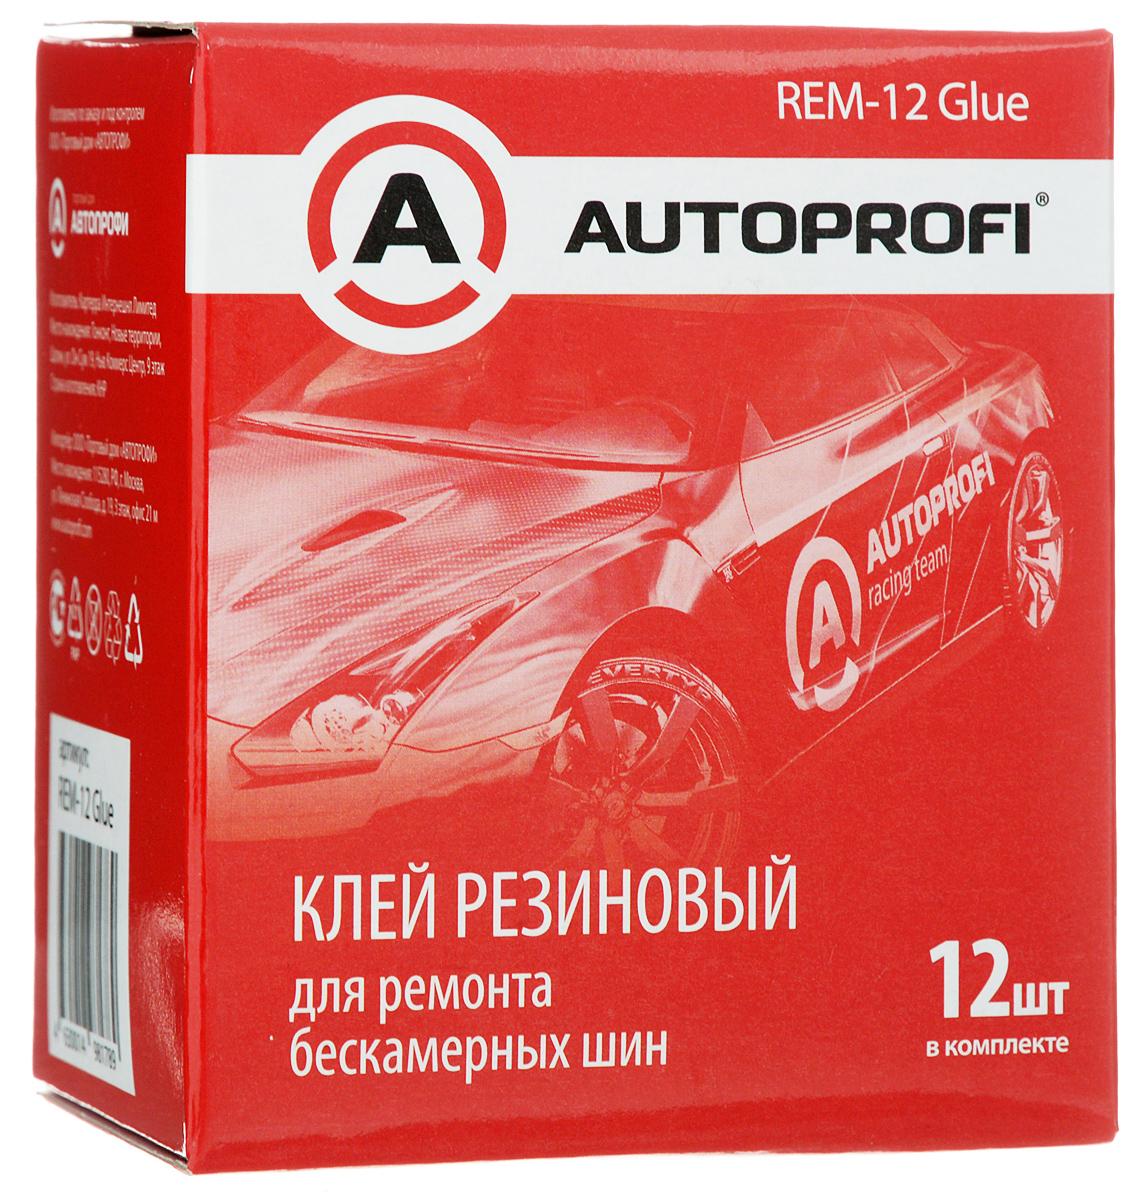 Купить Клей для ремонта бескамерных шин Autoprofi , 12 мл х 12 шт